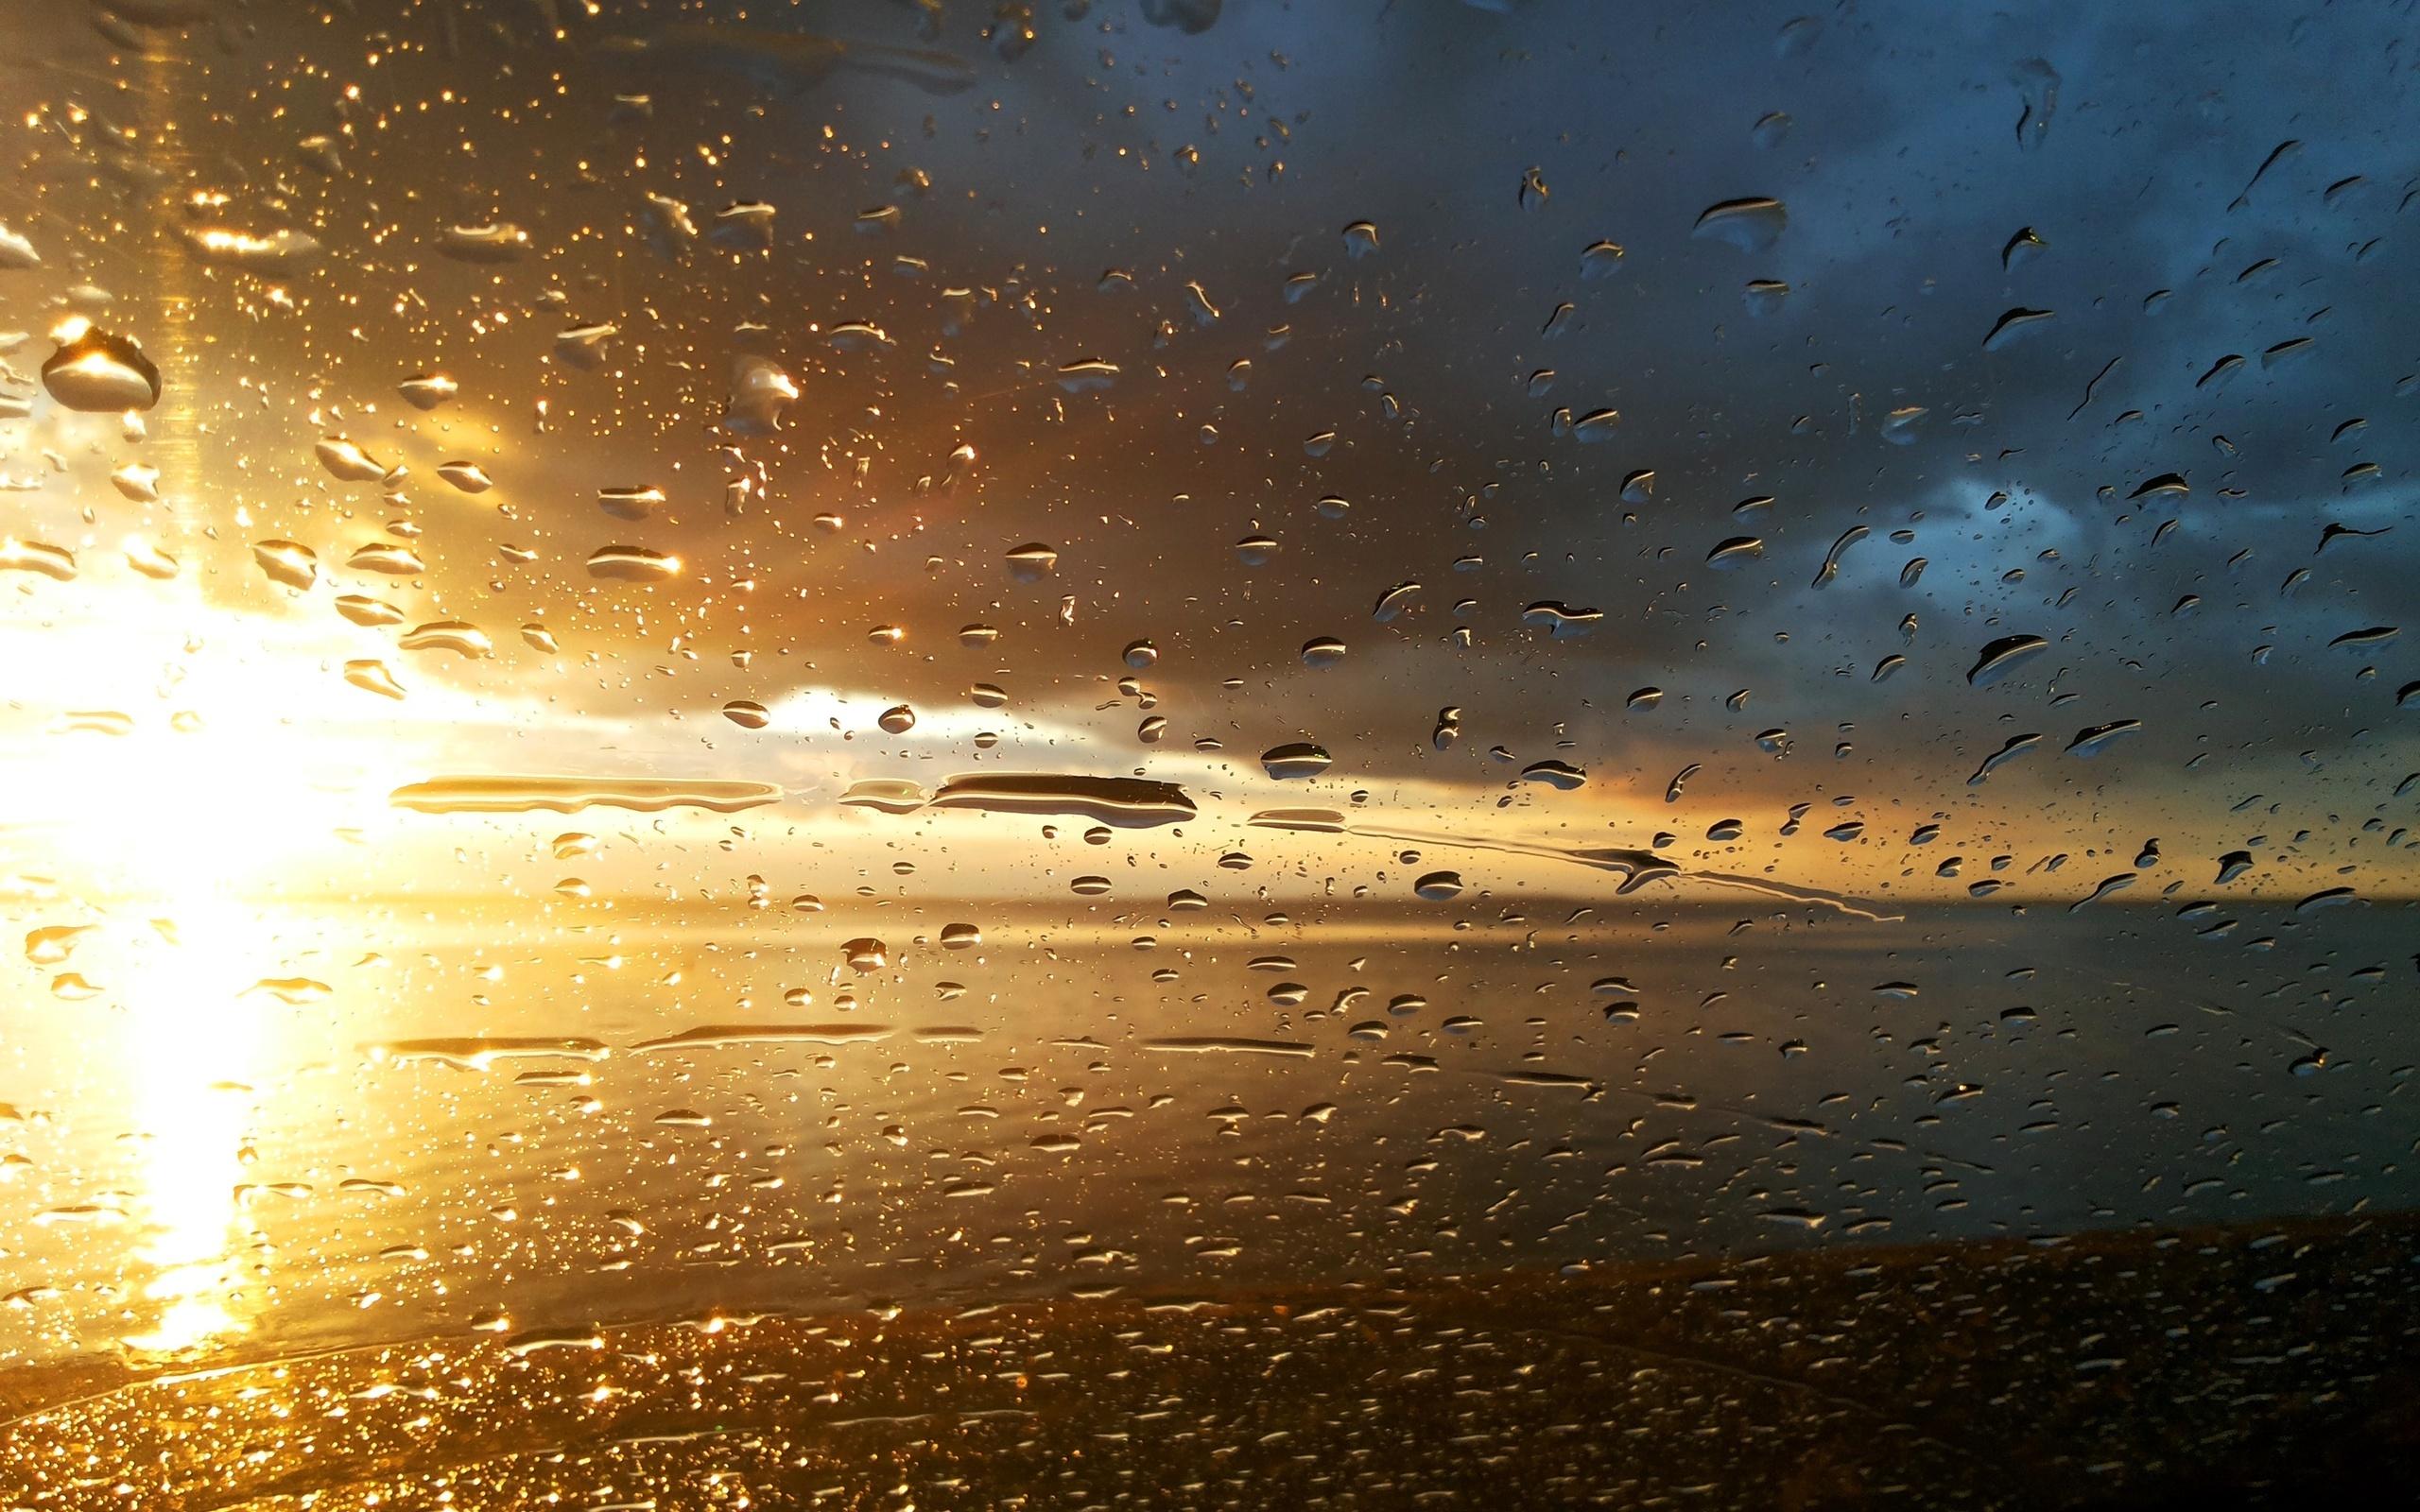 И дождь и солнце открытки, гифки животными